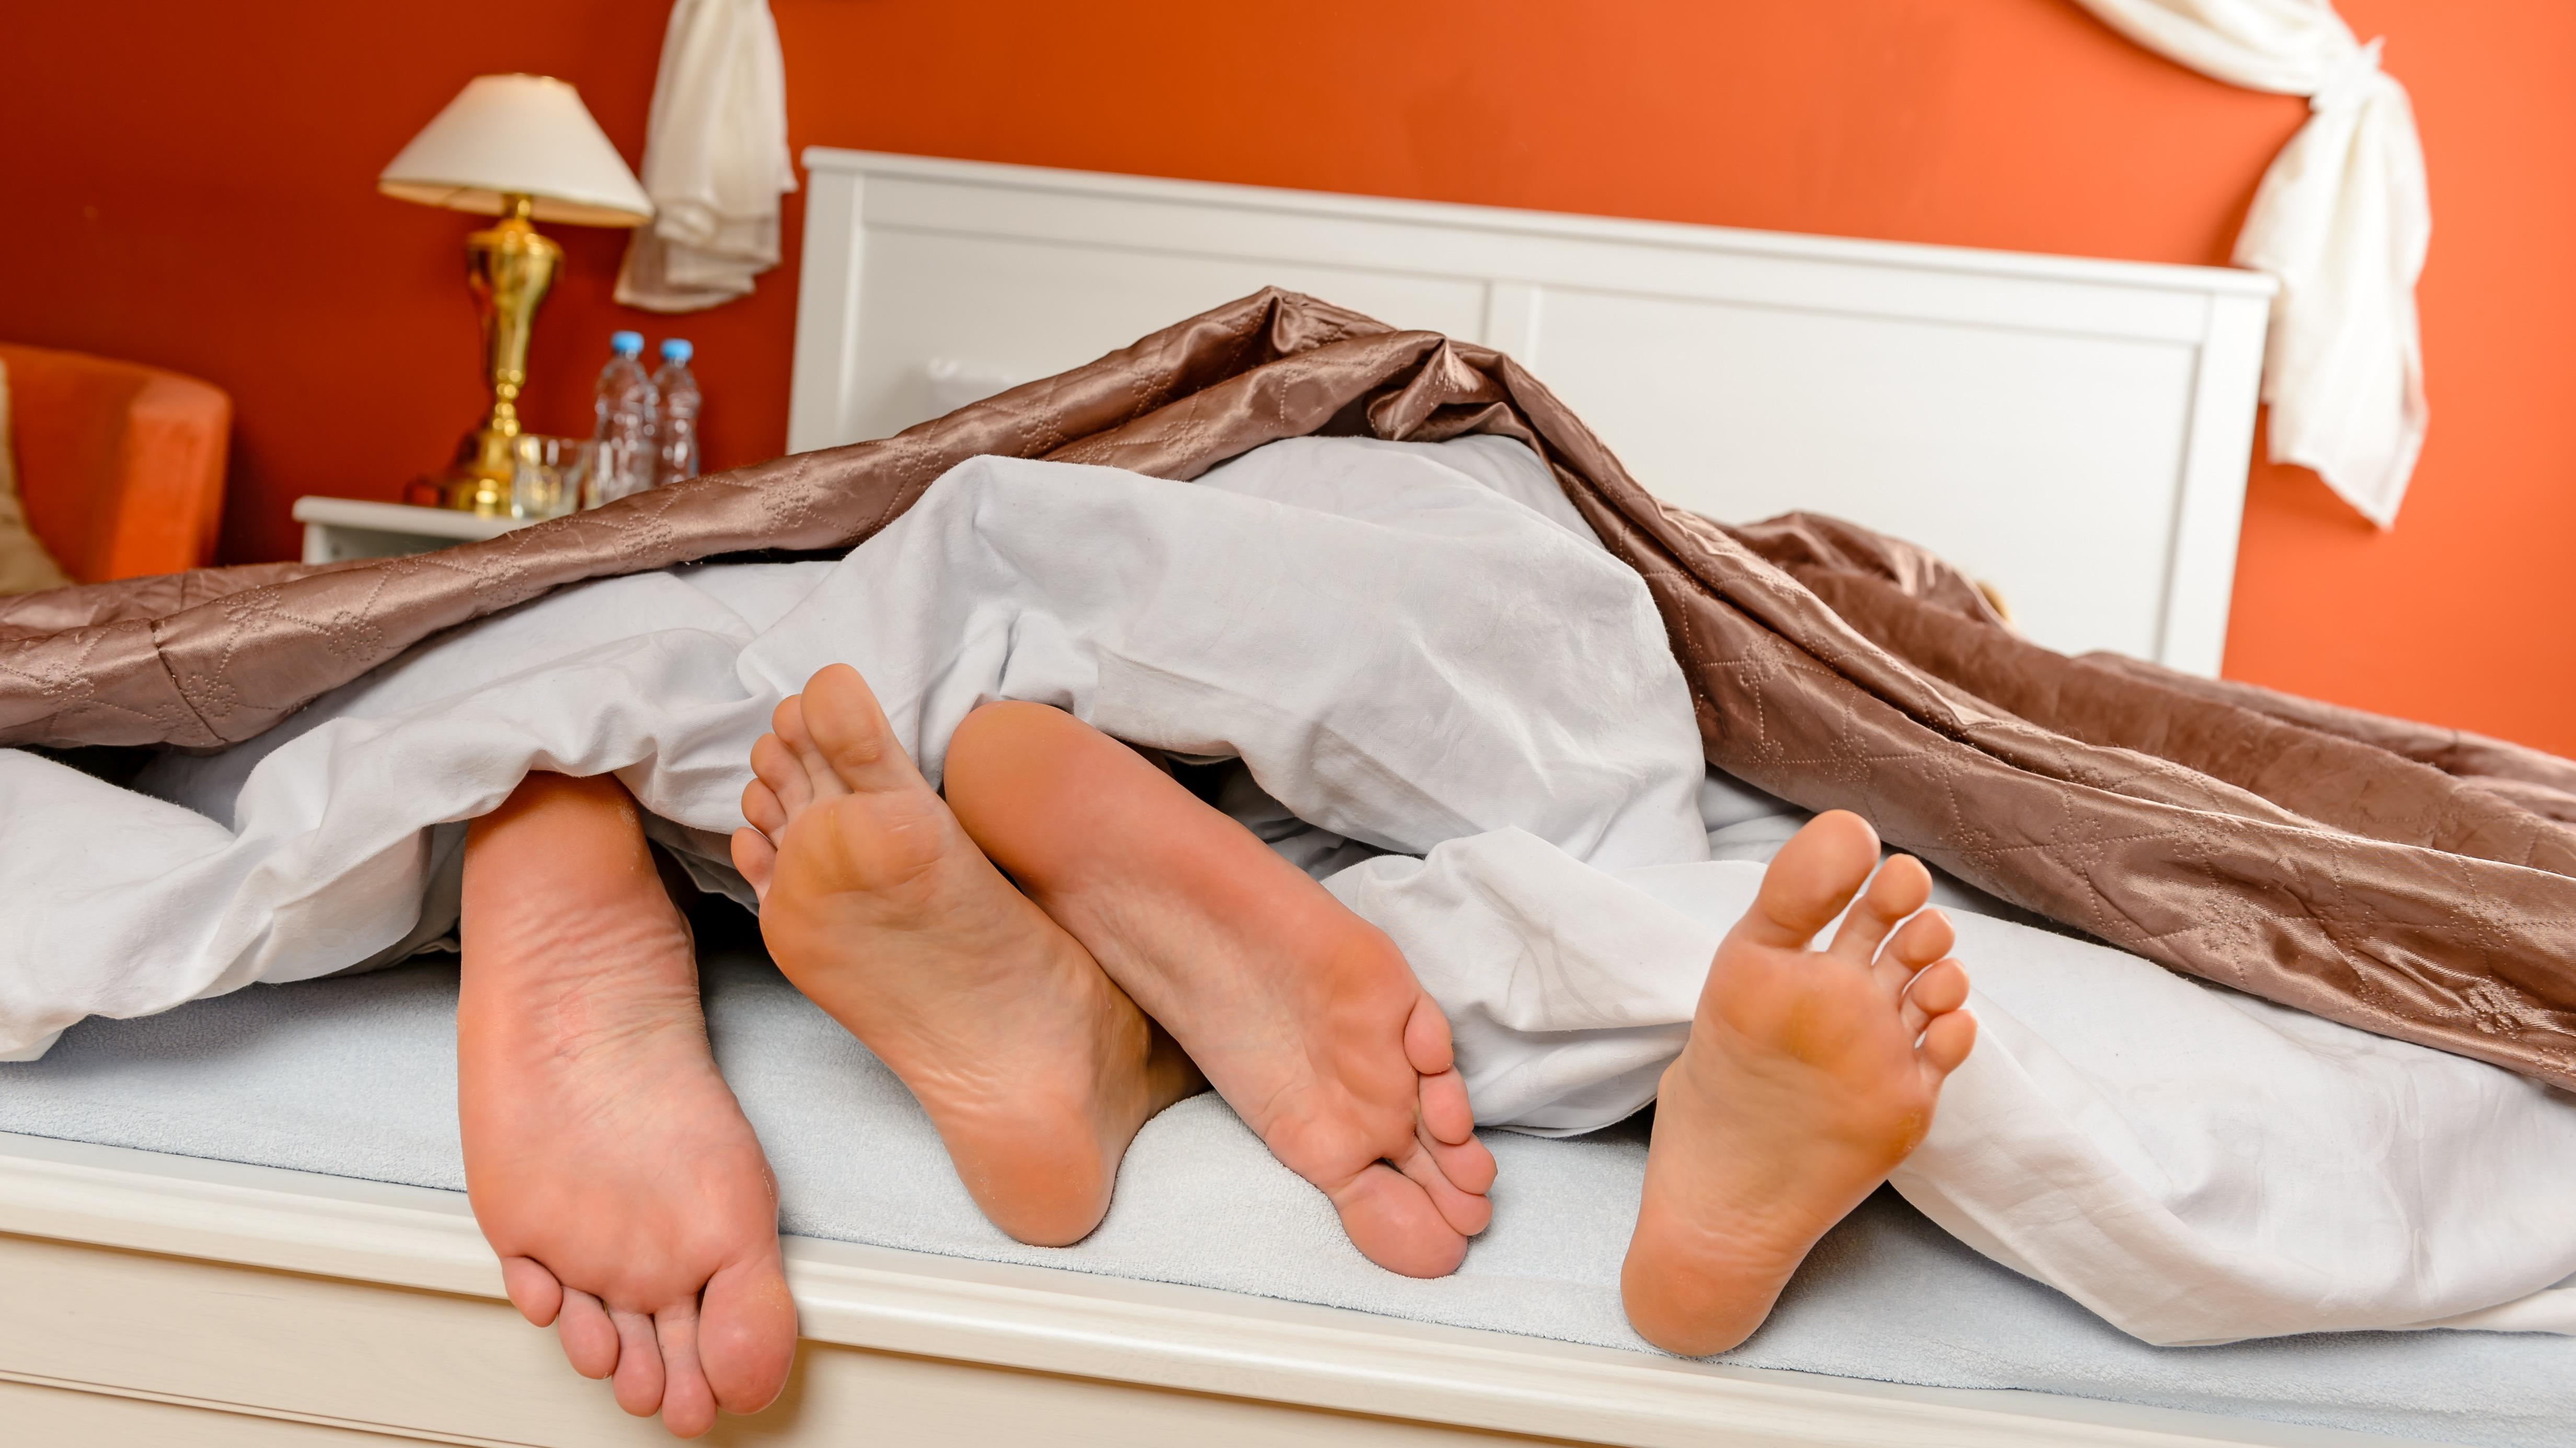 Фото спит в халате 18 фотография